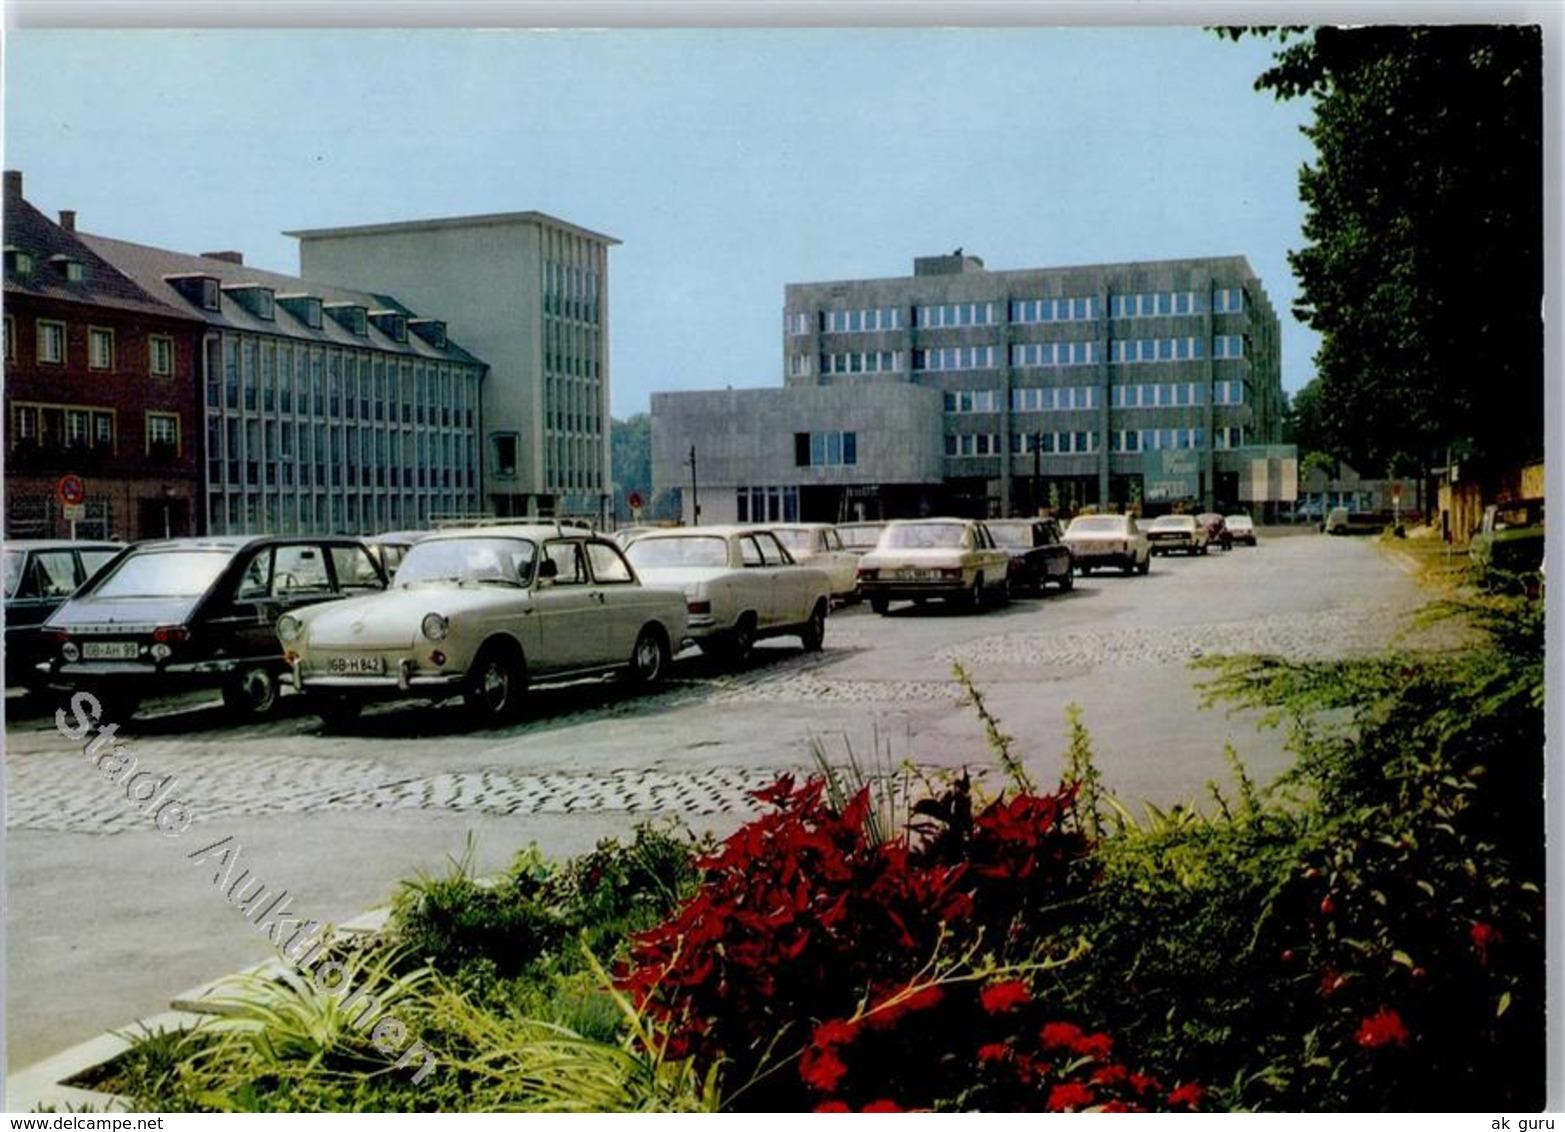 51591123 - St. Ingbert - Germany